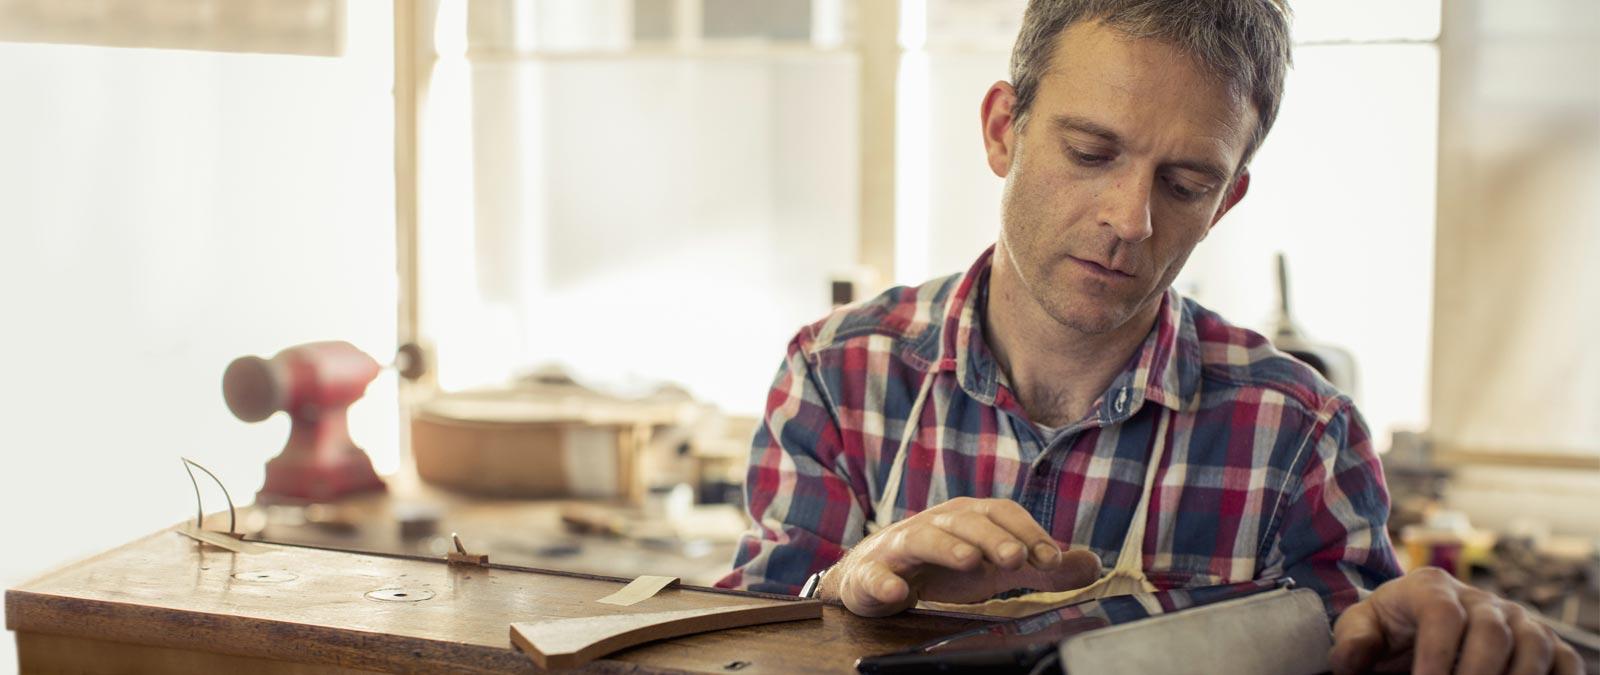 Um homem em uma loja usando o Office 365 Business em um tablet.